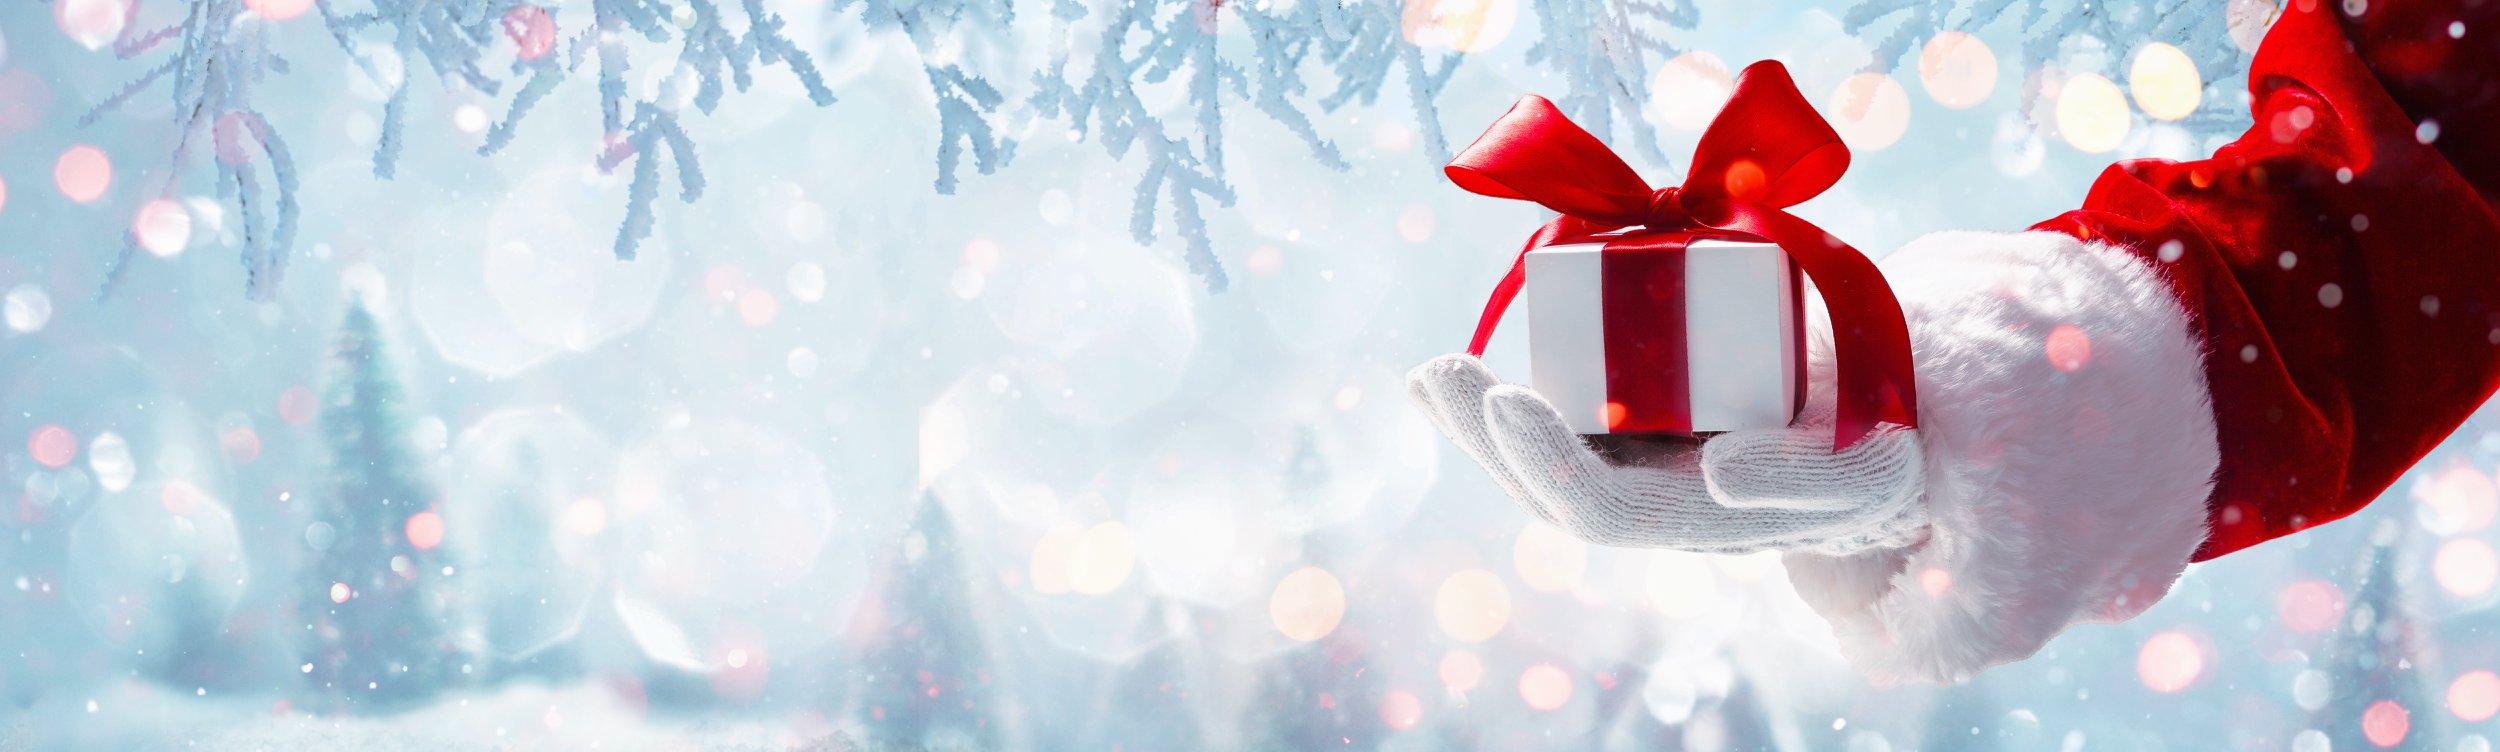 كفرات فيس بوك راس السنه و الكريسماس 8 غلاف فيس بوك رأس السنة و الكريسماس